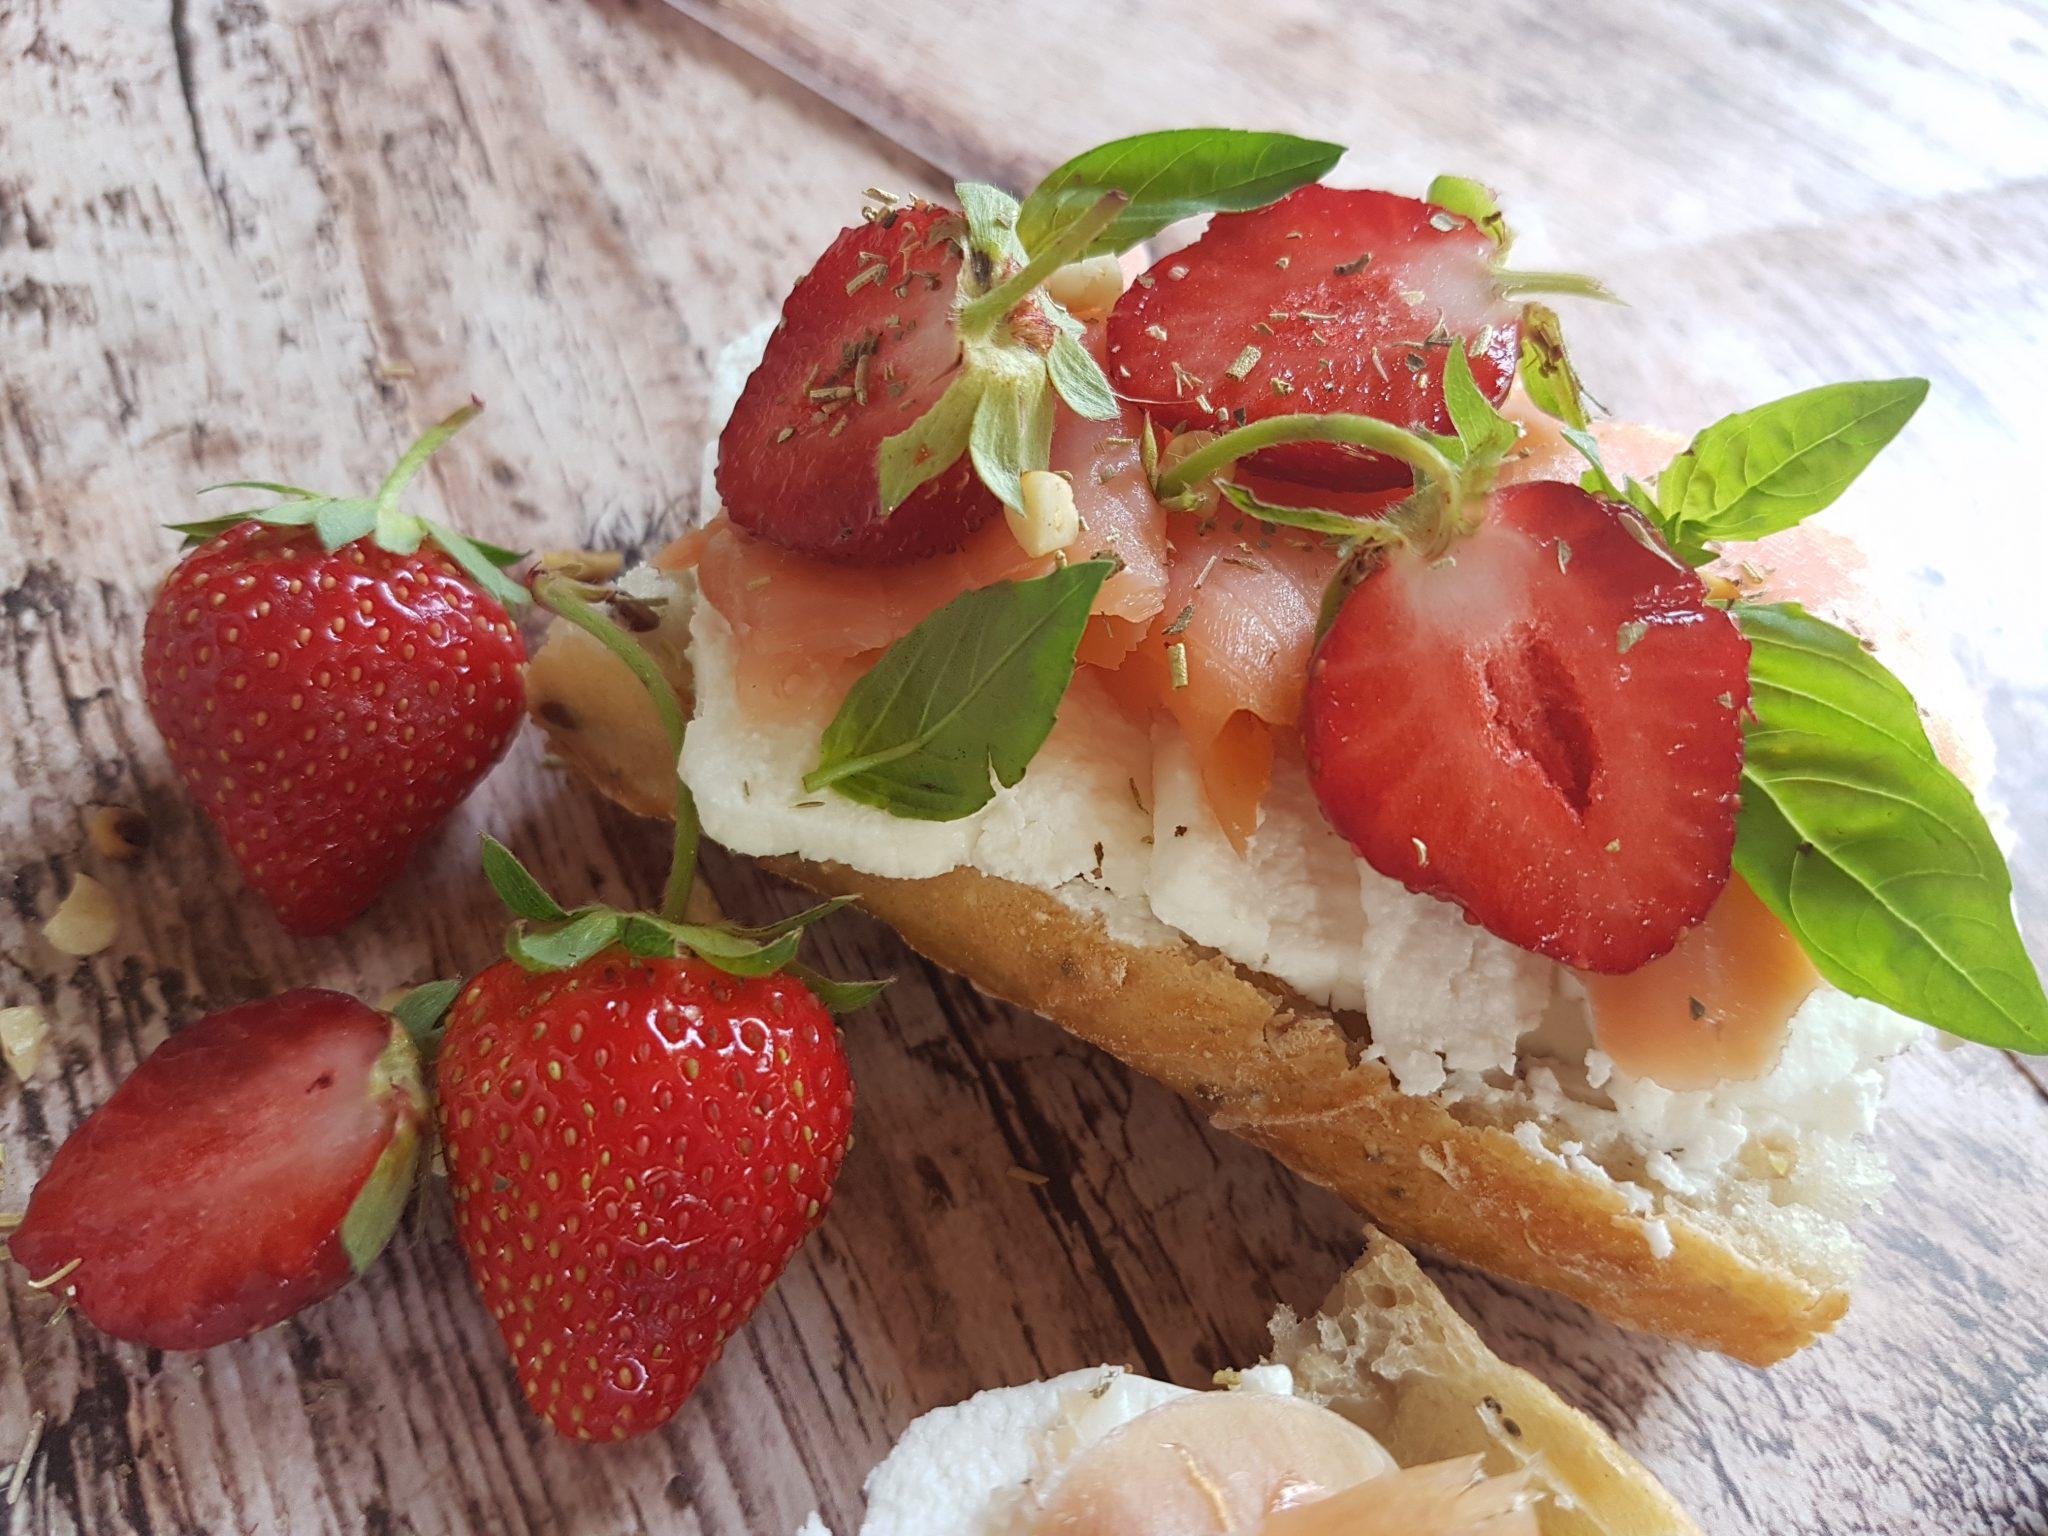 Bedwelming Belegde broodjes voor een luxe lunch of picknick | Lekker Tafelen &KO52